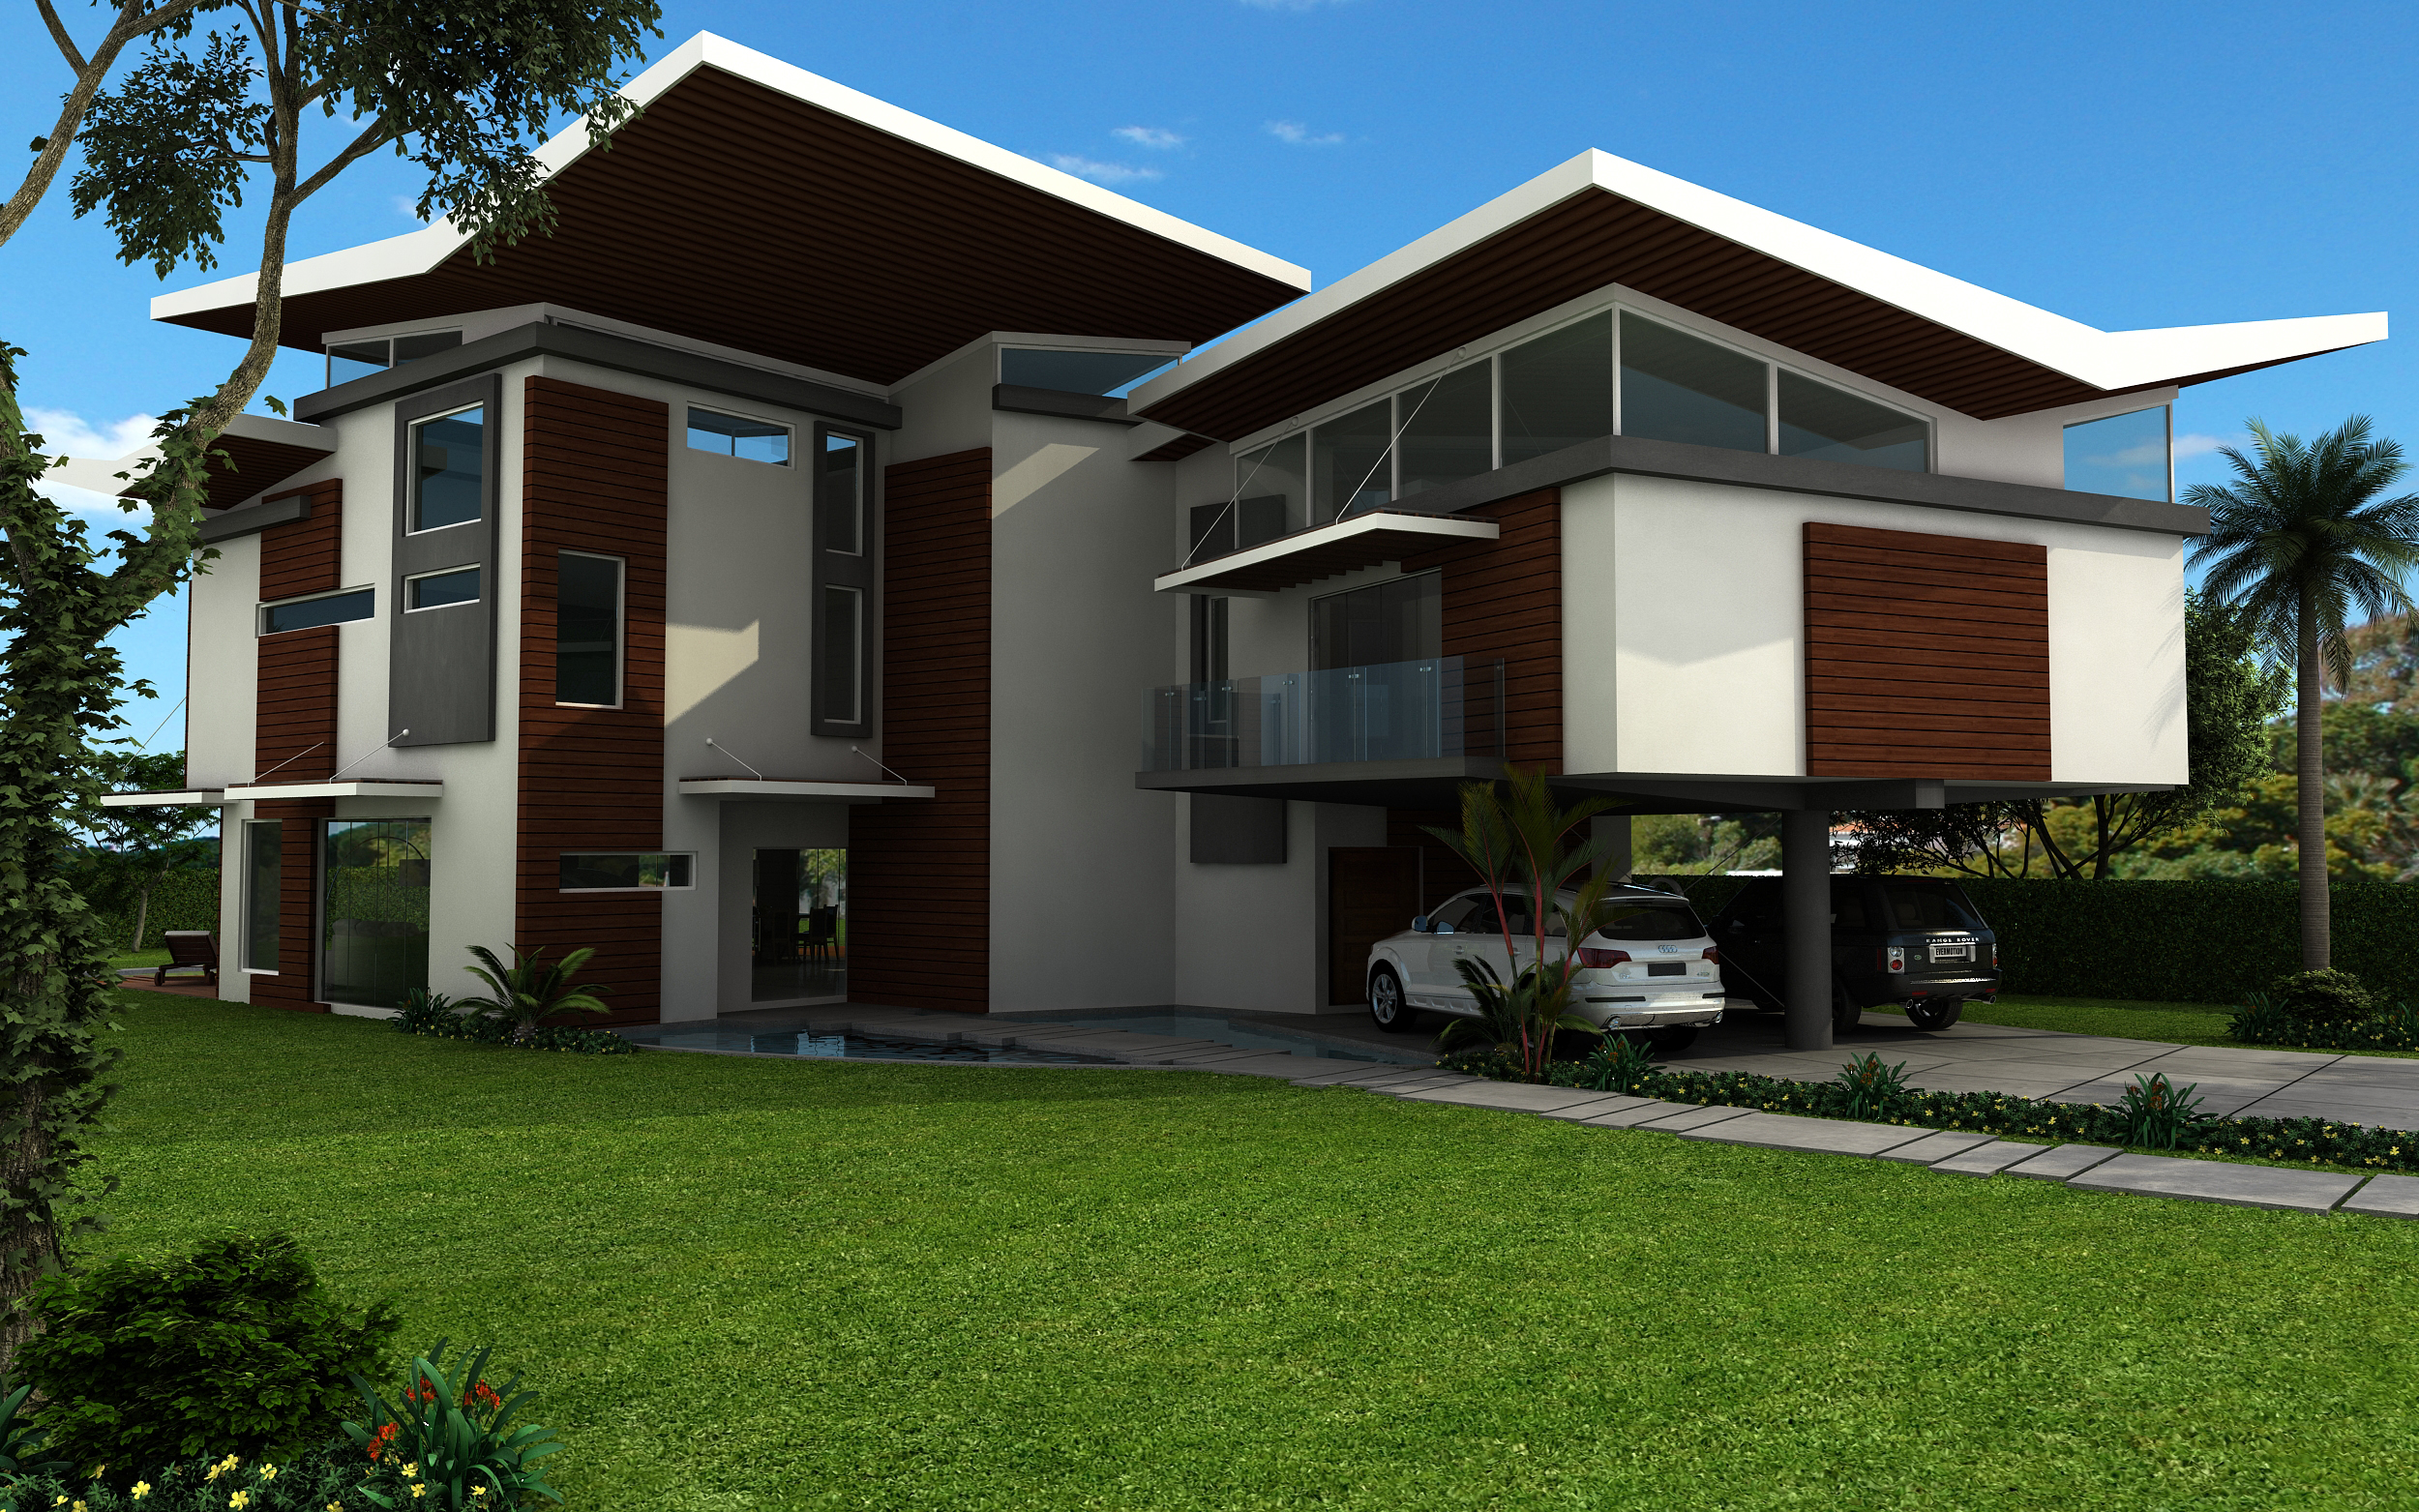 House W9